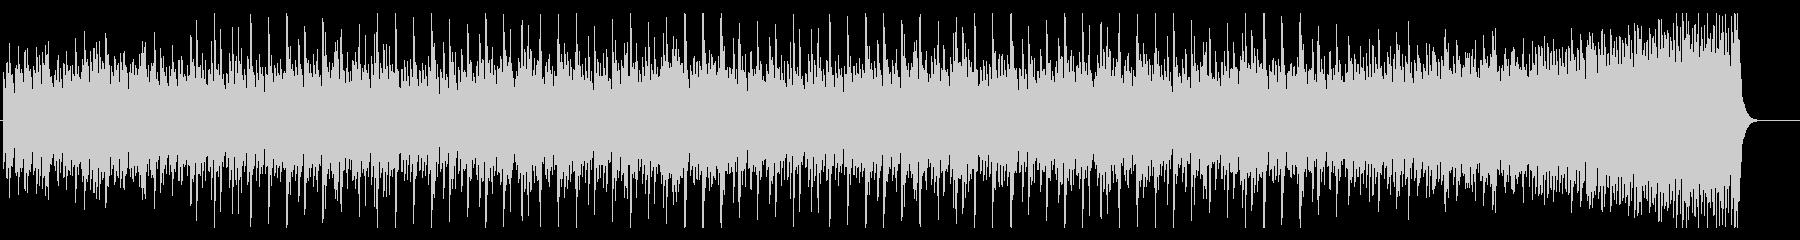 ピアノによる幾何学的フレーズの現代曲の未再生の波形